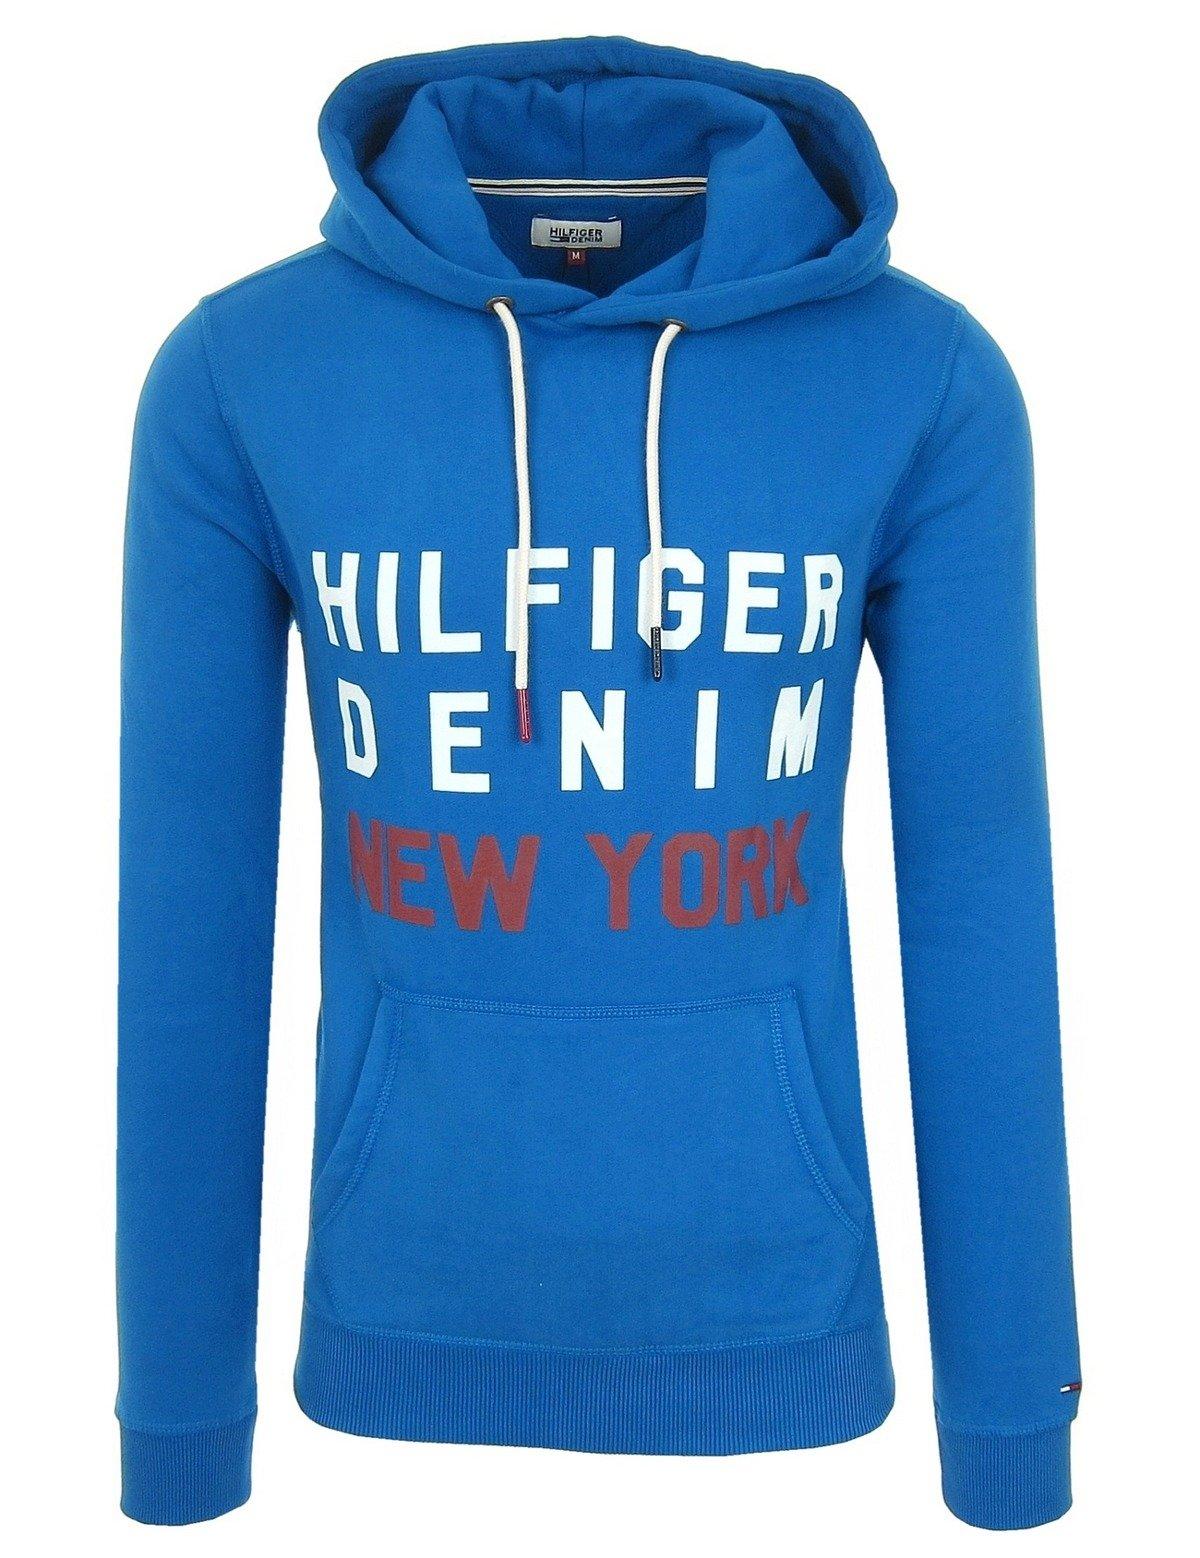 TOMMY HILFIGER Denim Herren Men Kapuzenpullover Hoodie Sweatshirt Blau Blue fb13da2265